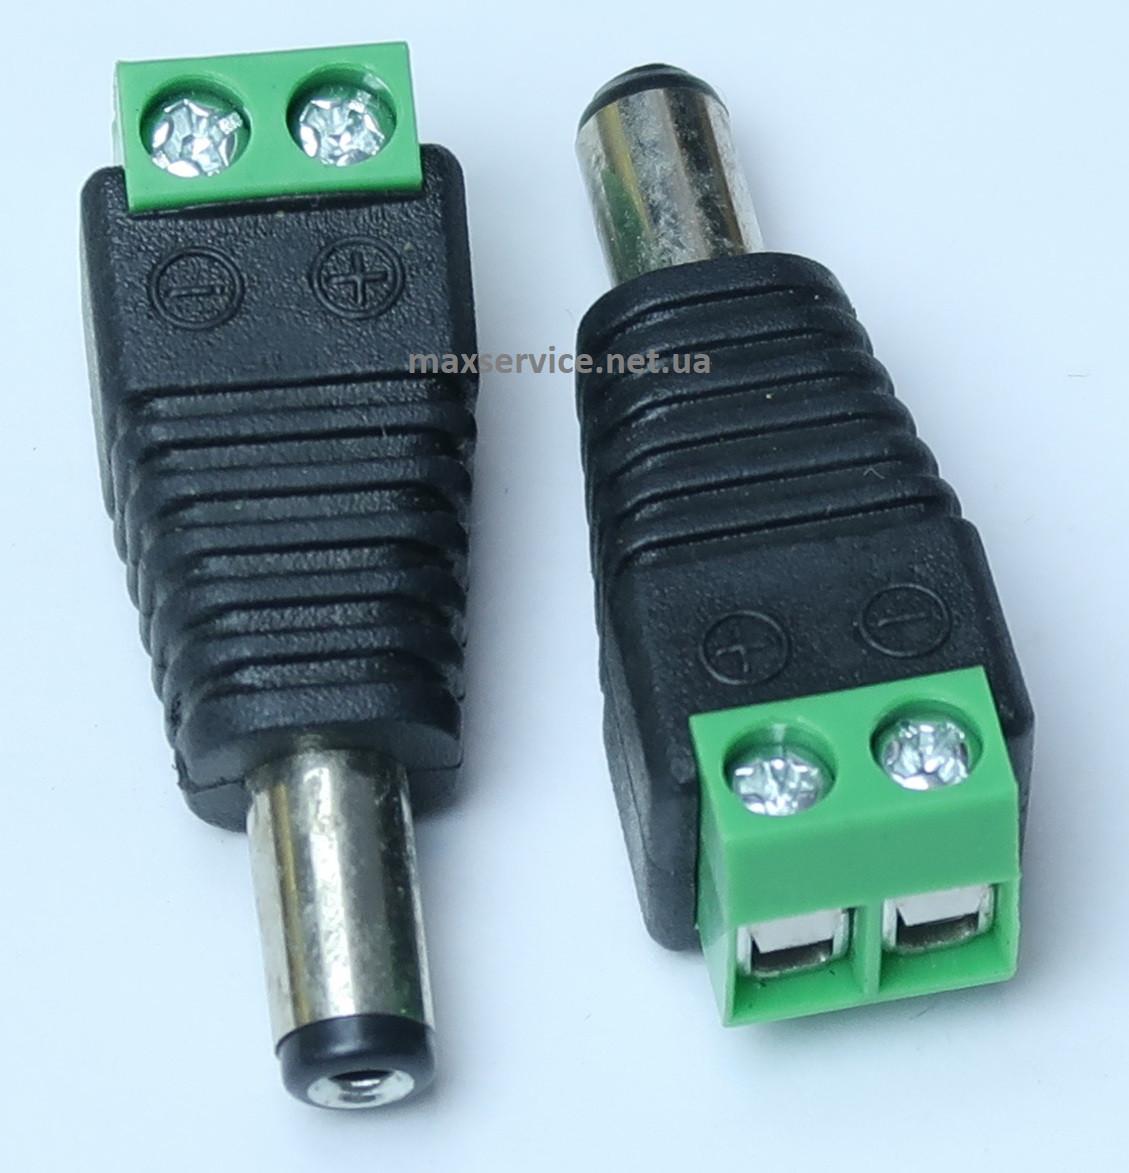 Коннектор для подключения питания 5.5/2.5мм GV-DC папа (3587)